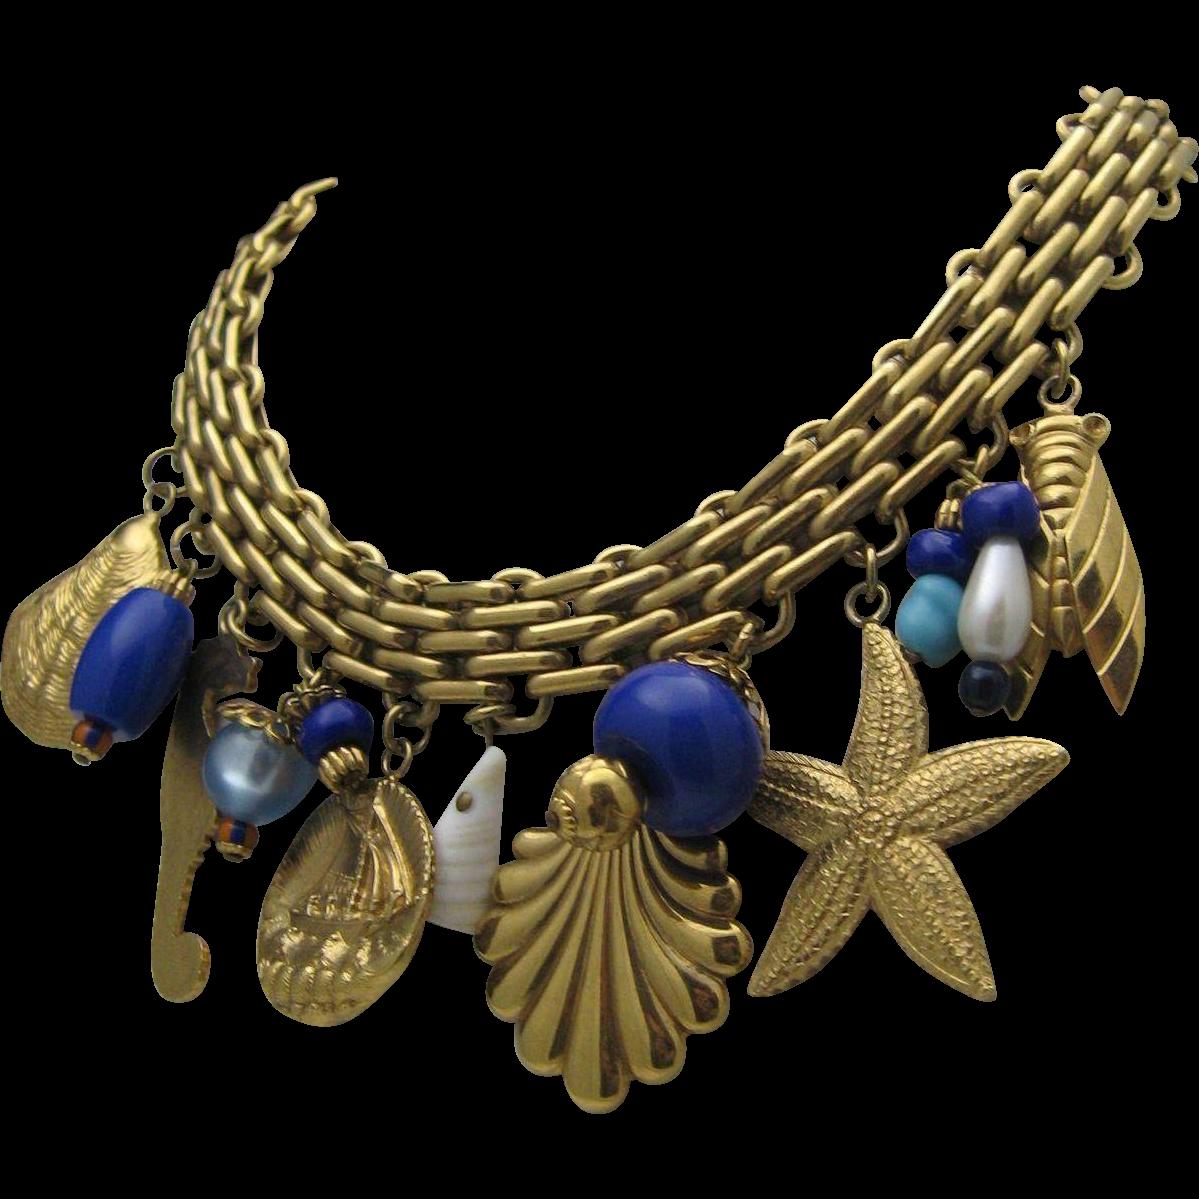 Fabulous Nautical Golden Charm Necklace c1980